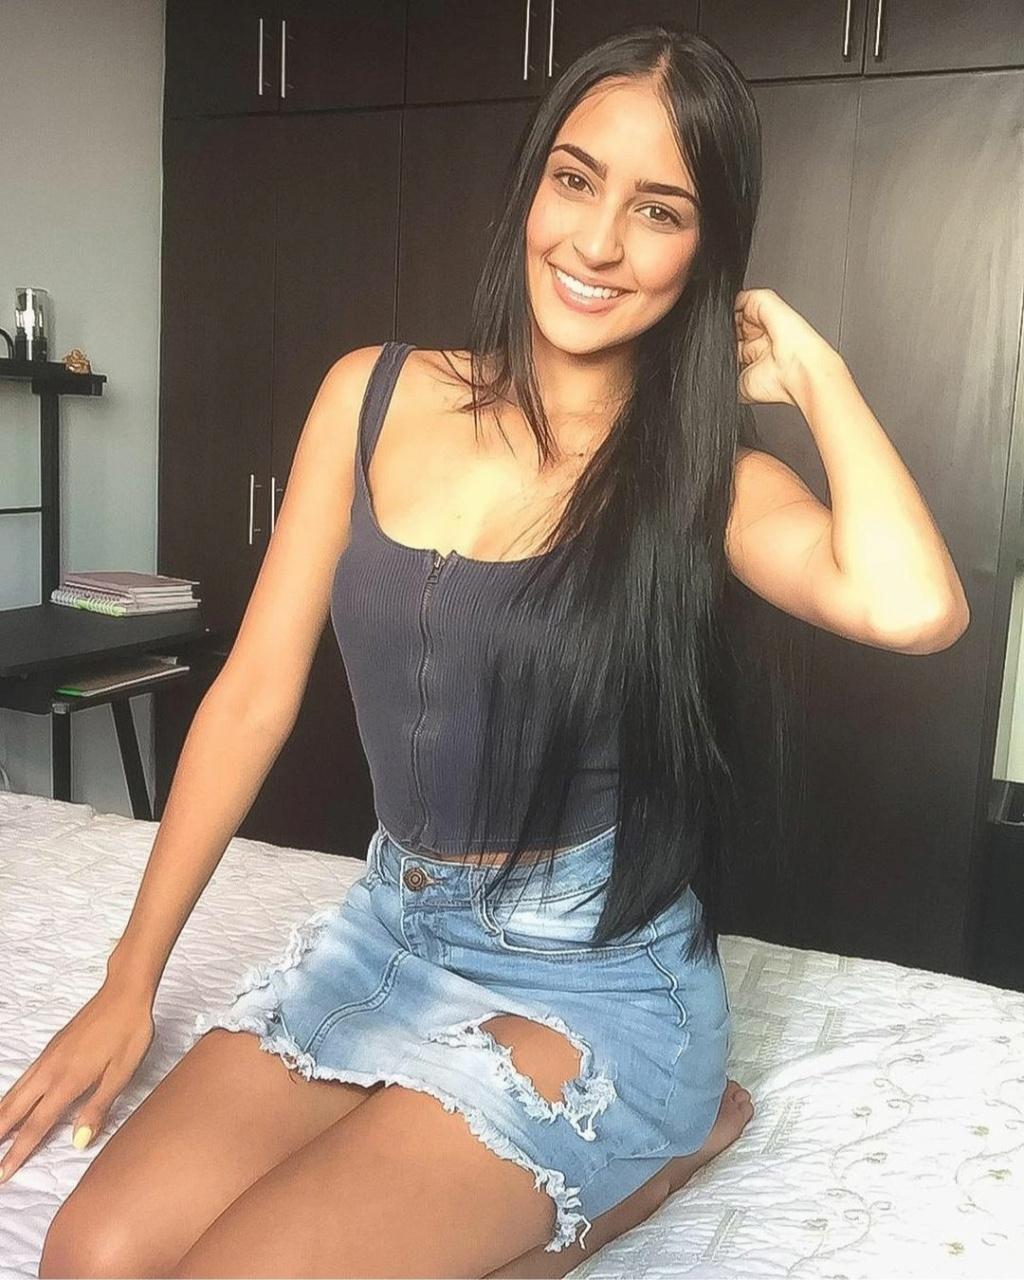 DEBATE sobre belleza, guapura y hermosura (fotos de chicas latinas, mestizas, y de todo) - VOL II - Página 8 Img_1253